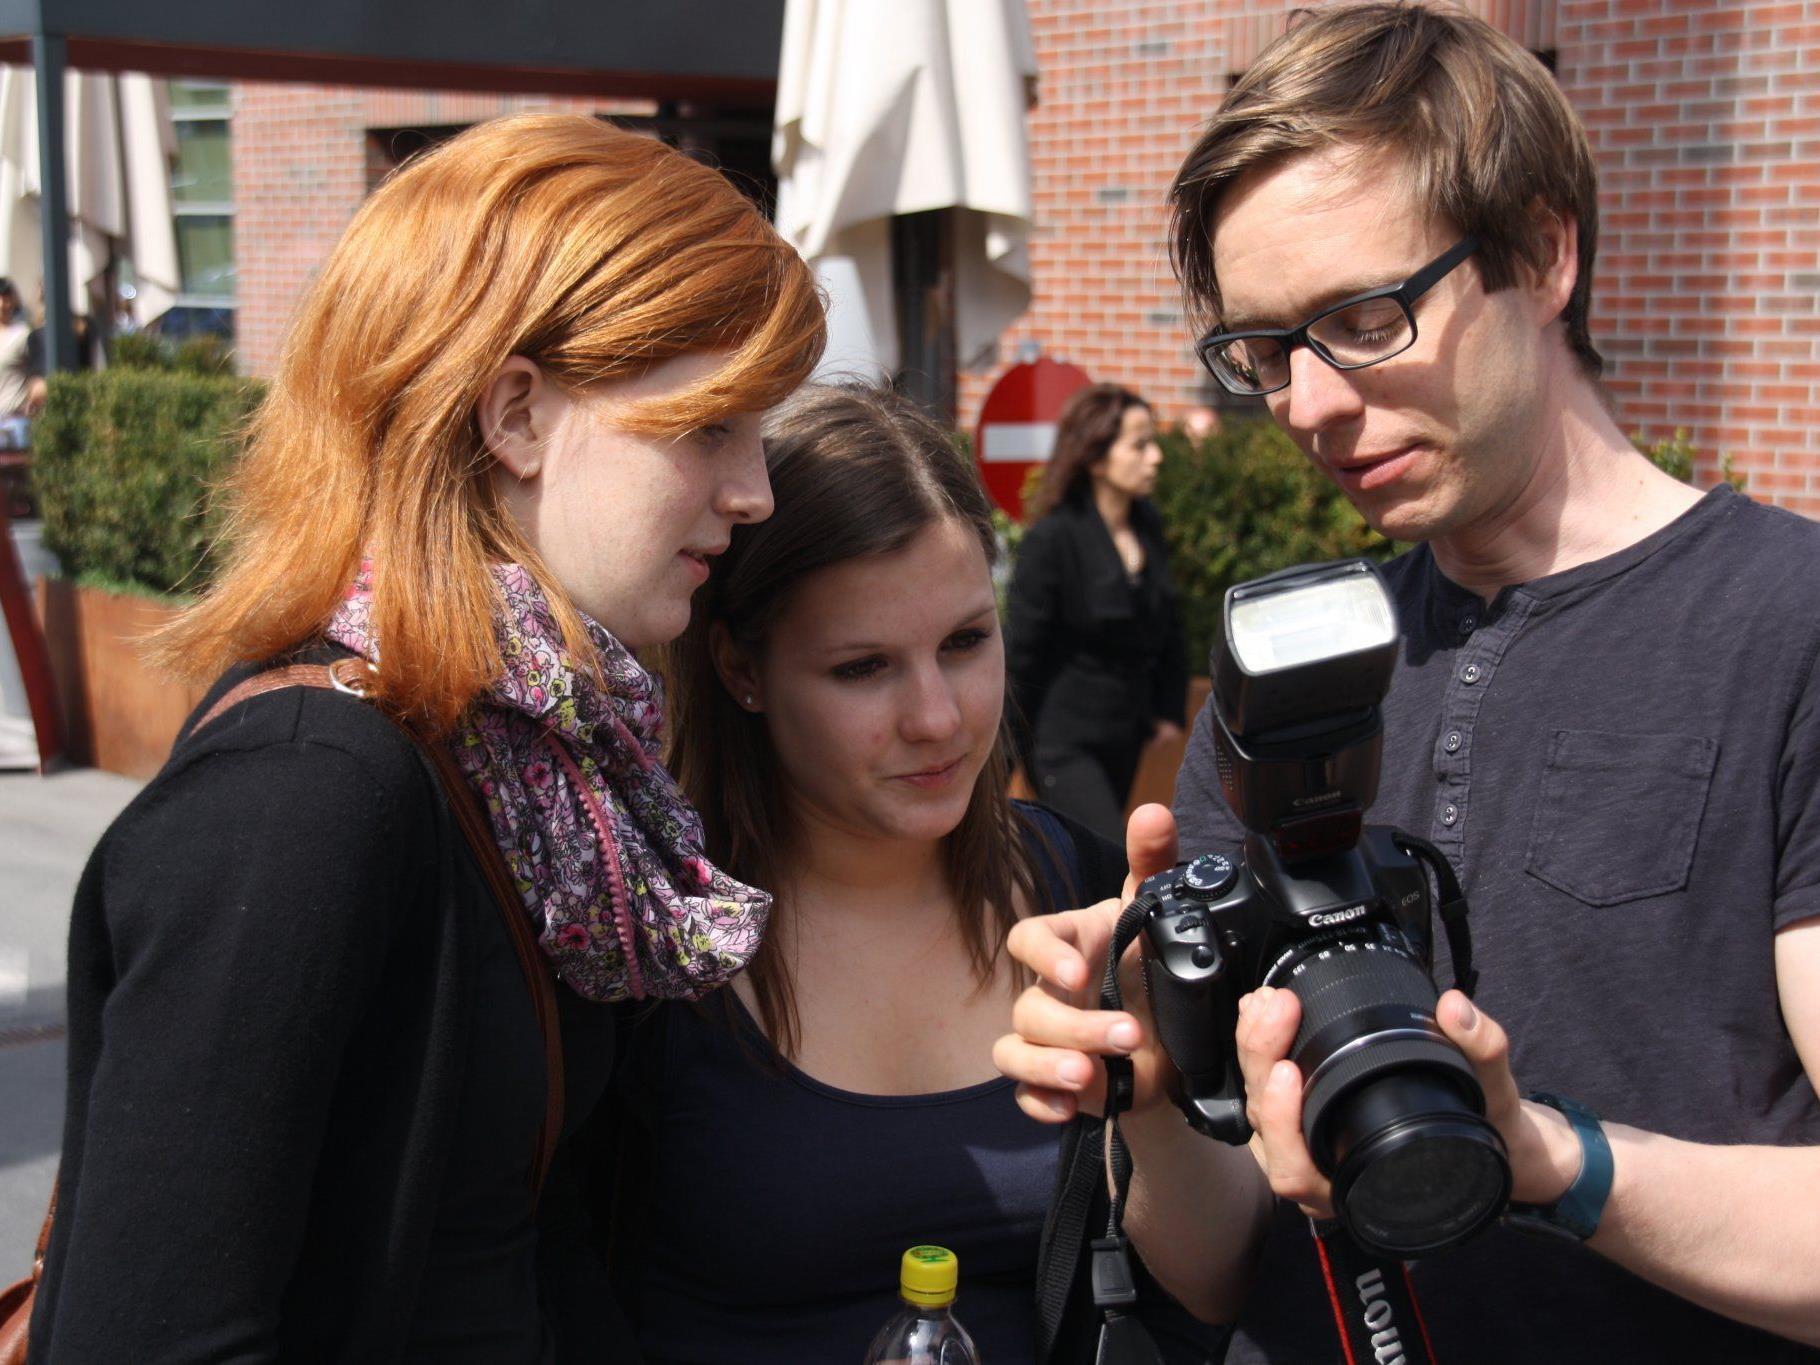 Fotoworkshop der Medienwerkstatt begeisterte die Jugendlichen.